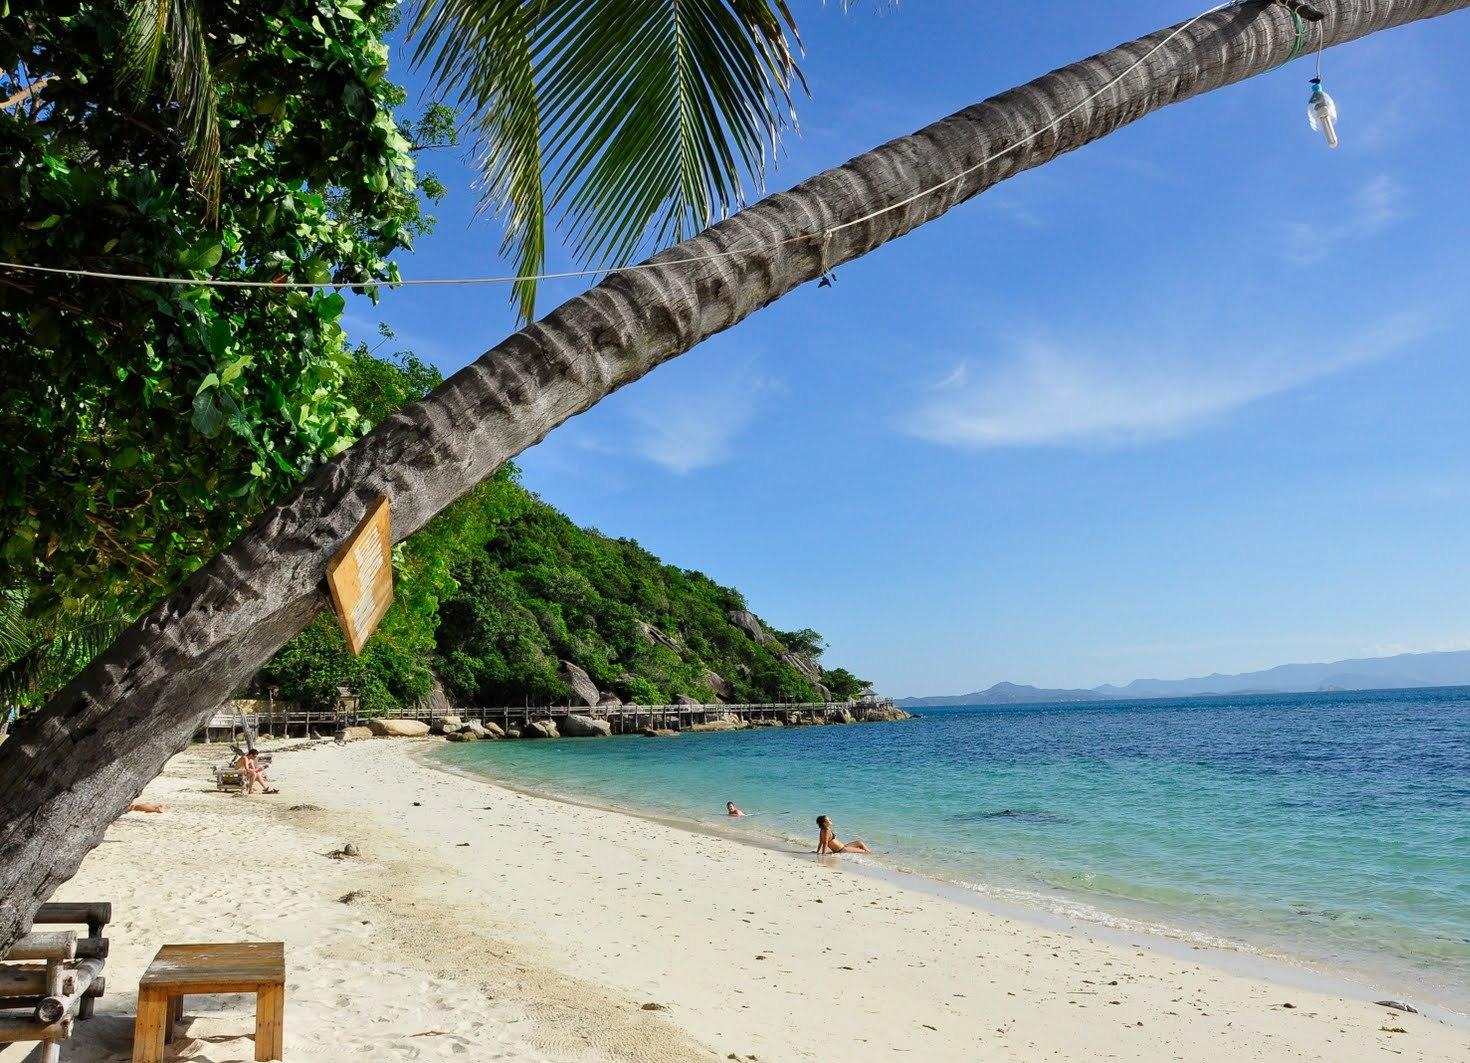 Isole della Thailandia: le tre anime di Koh Samui, Koh Phangan, Koh Tao | Alla ricerca di shambala